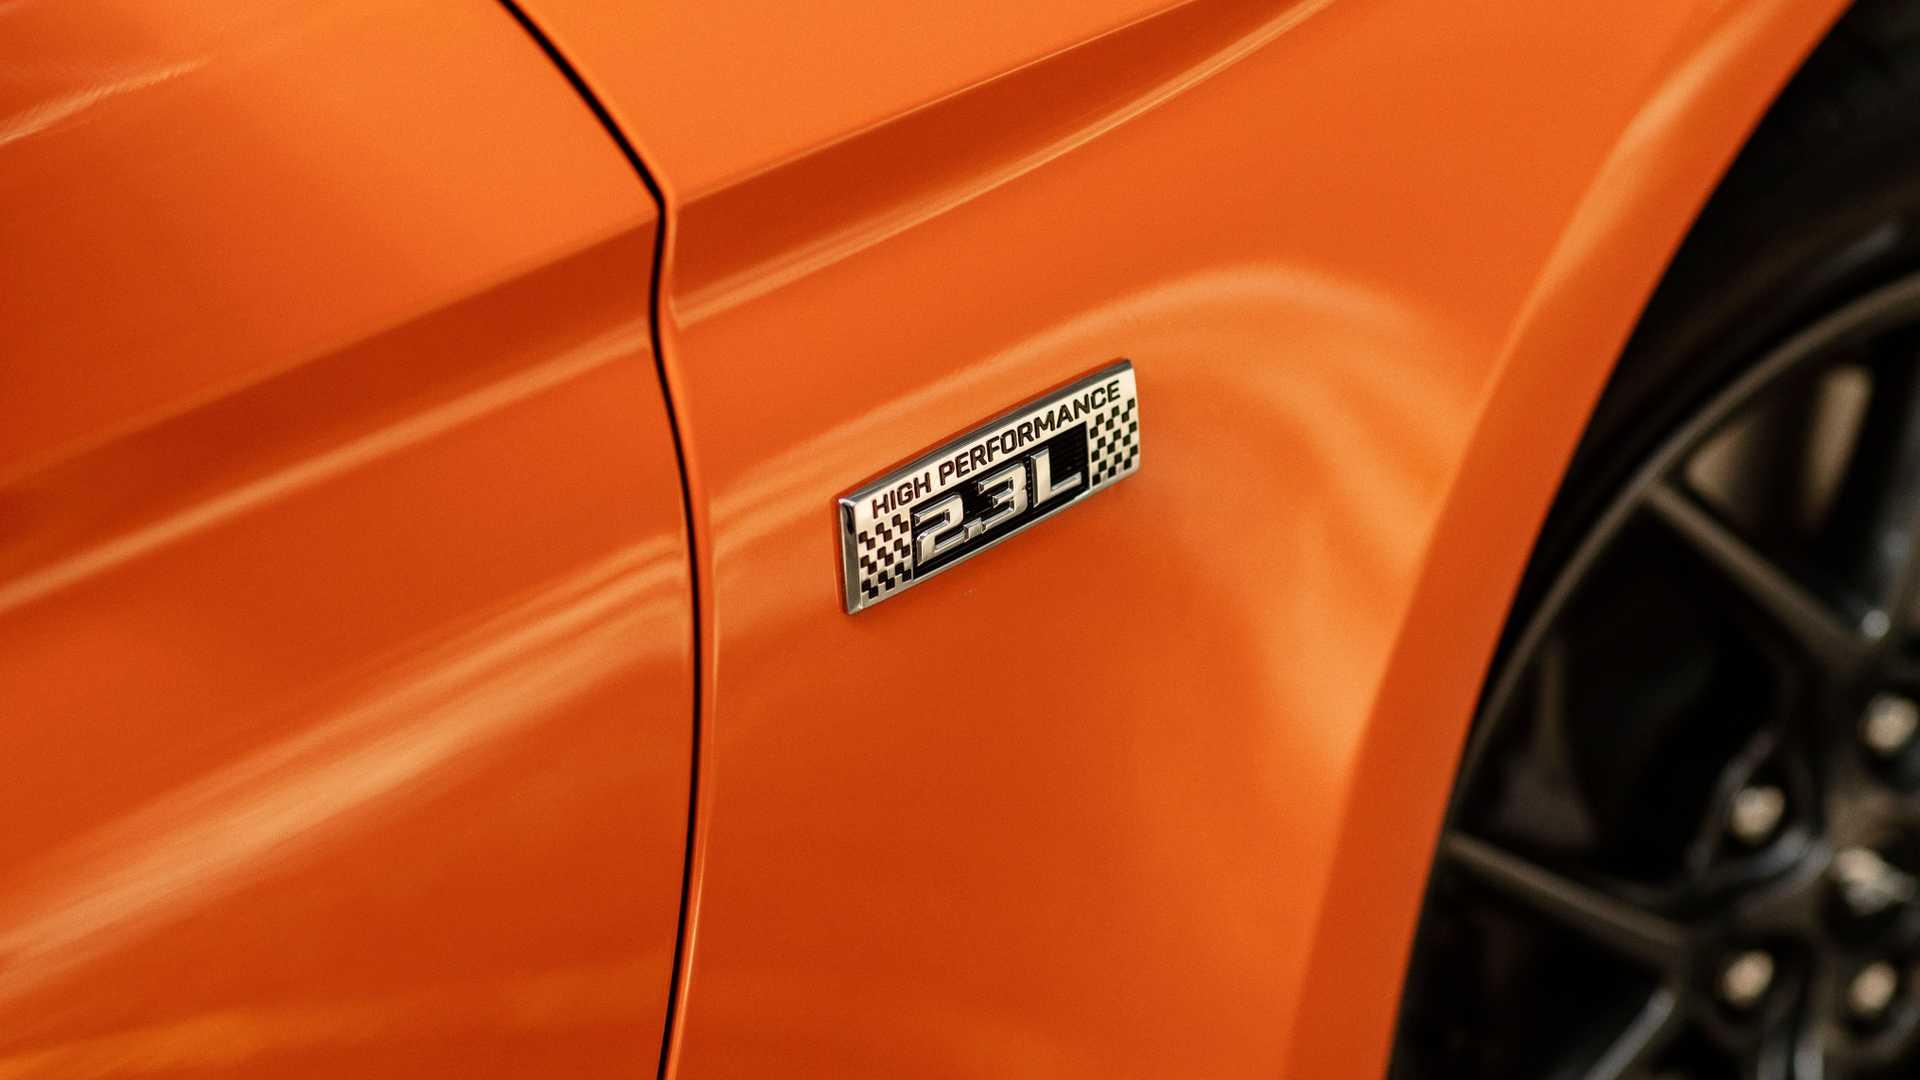 2020-ford-mustang-high-perf-package-9.jpg